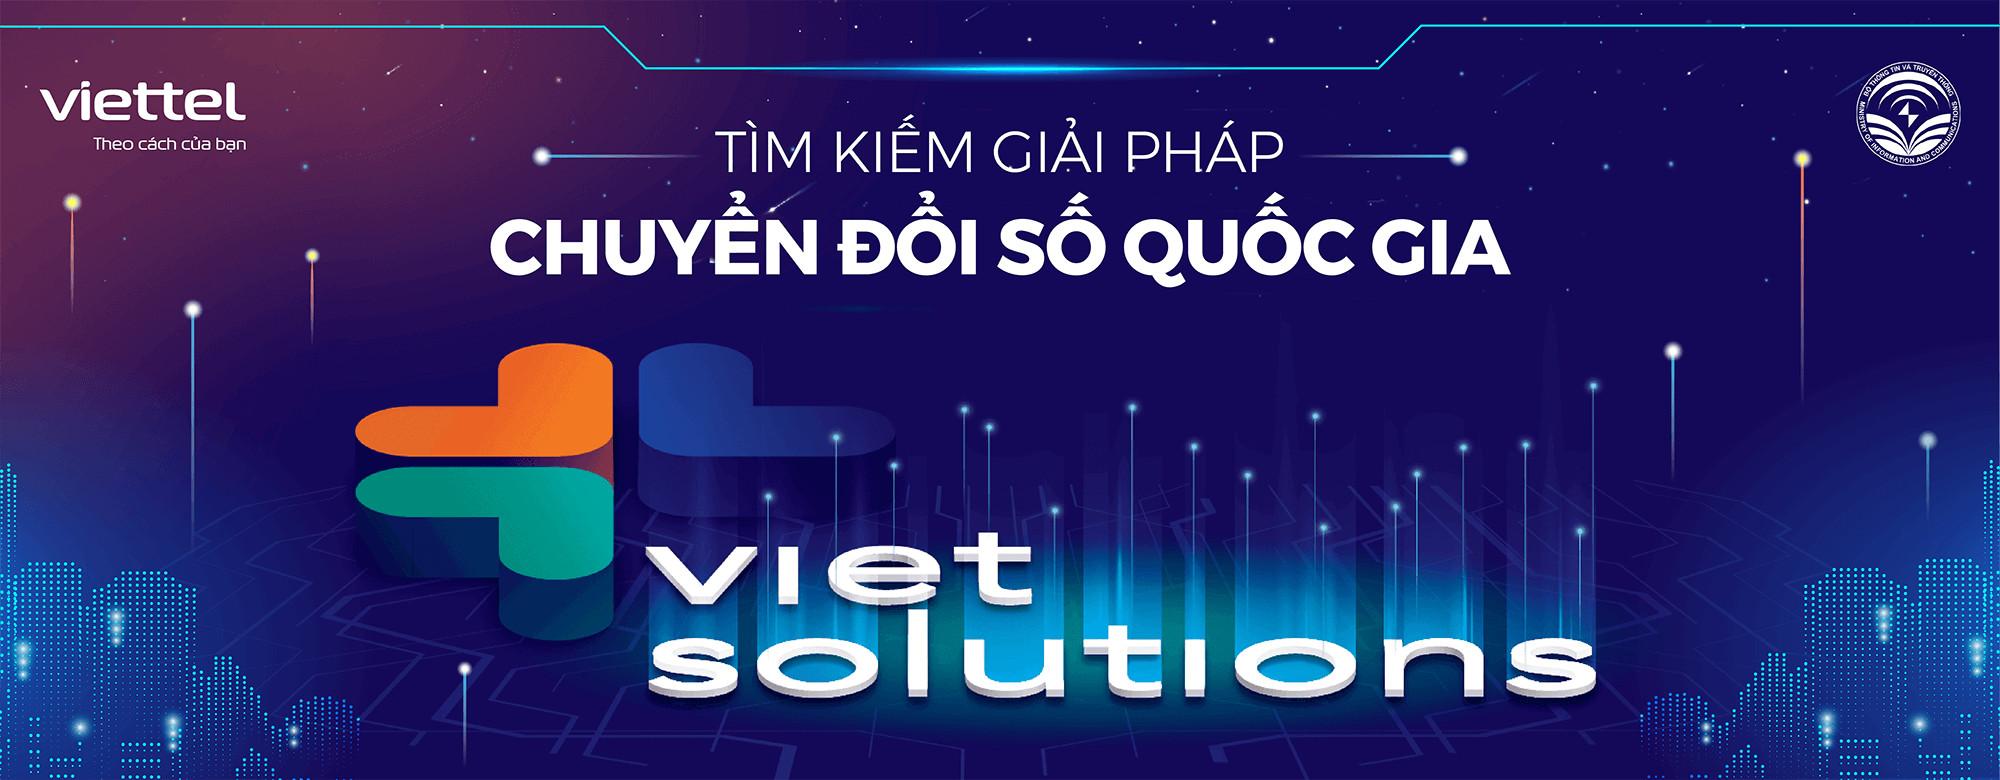 VIETTEL KHỞI ĐỘNG CUỘC THI TÌM KIẾM GIẢI PHÁP CHUYỂN ĐỔI SỐ QUỐC GIA: VIET SOLUTIONS 2021